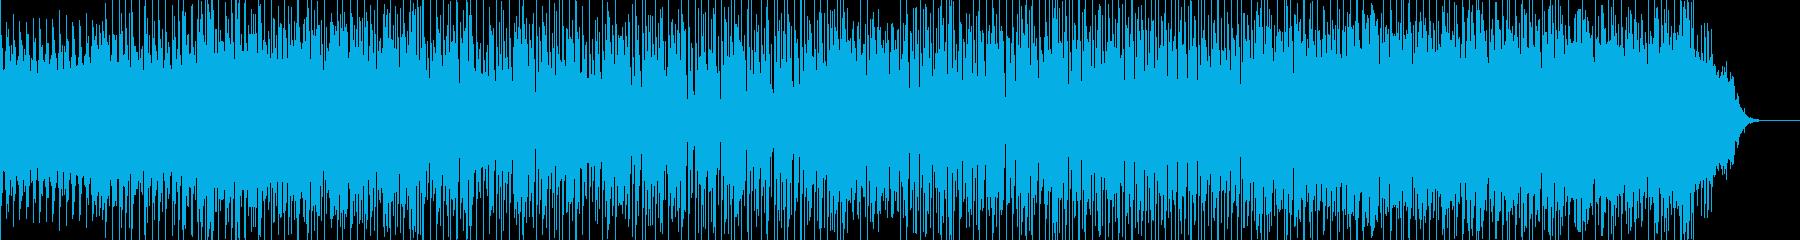 16分刻みのコード進行が印象的なBGMの再生済みの波形